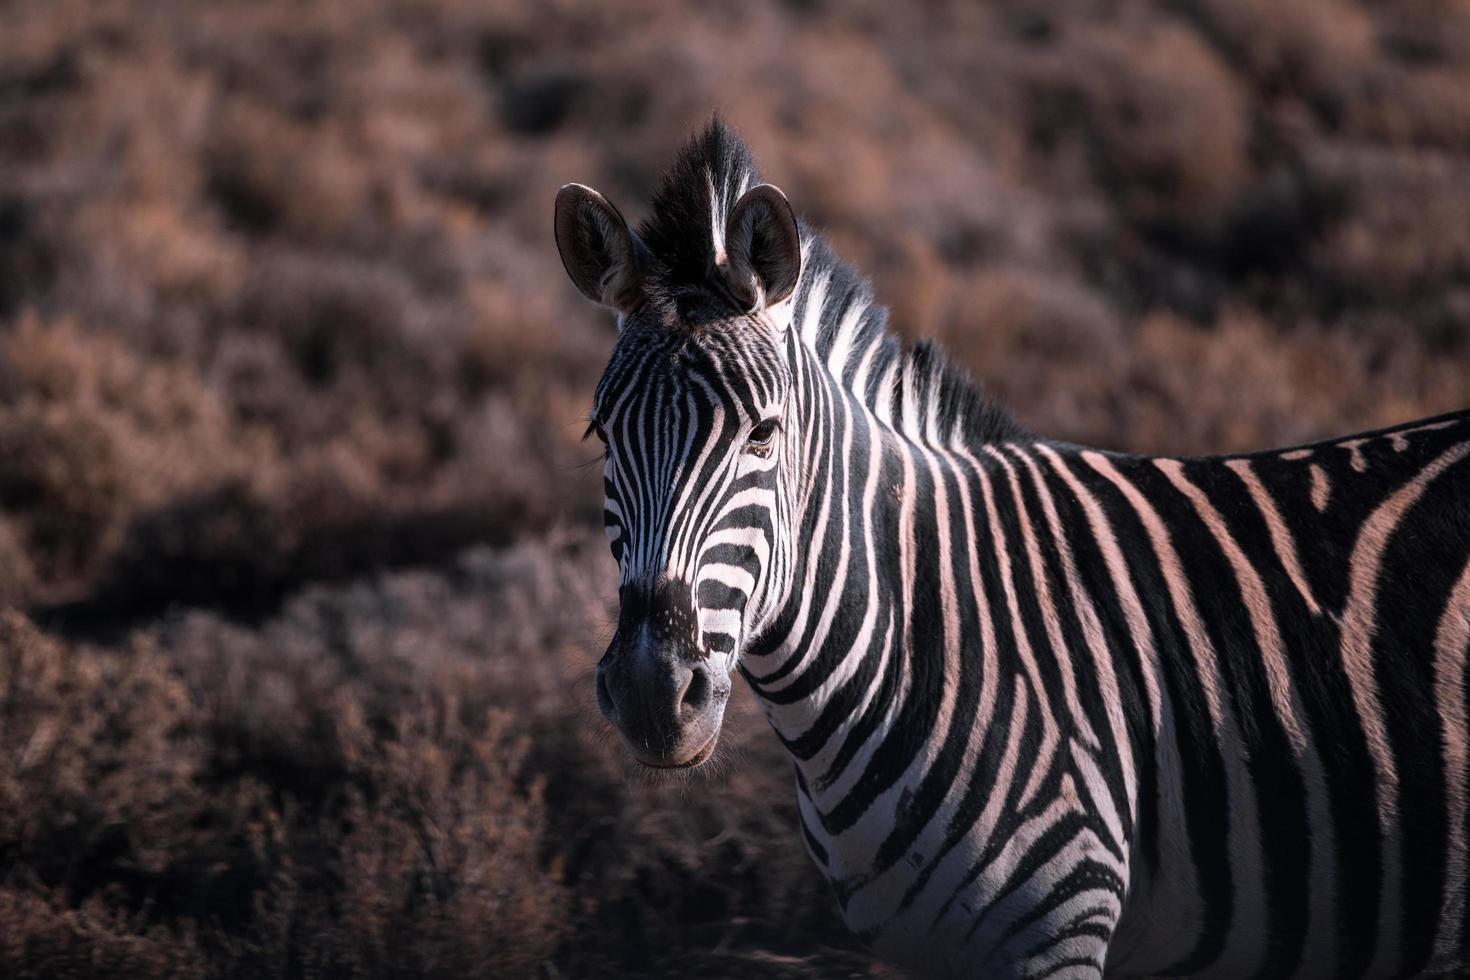 Zebra in a field photo